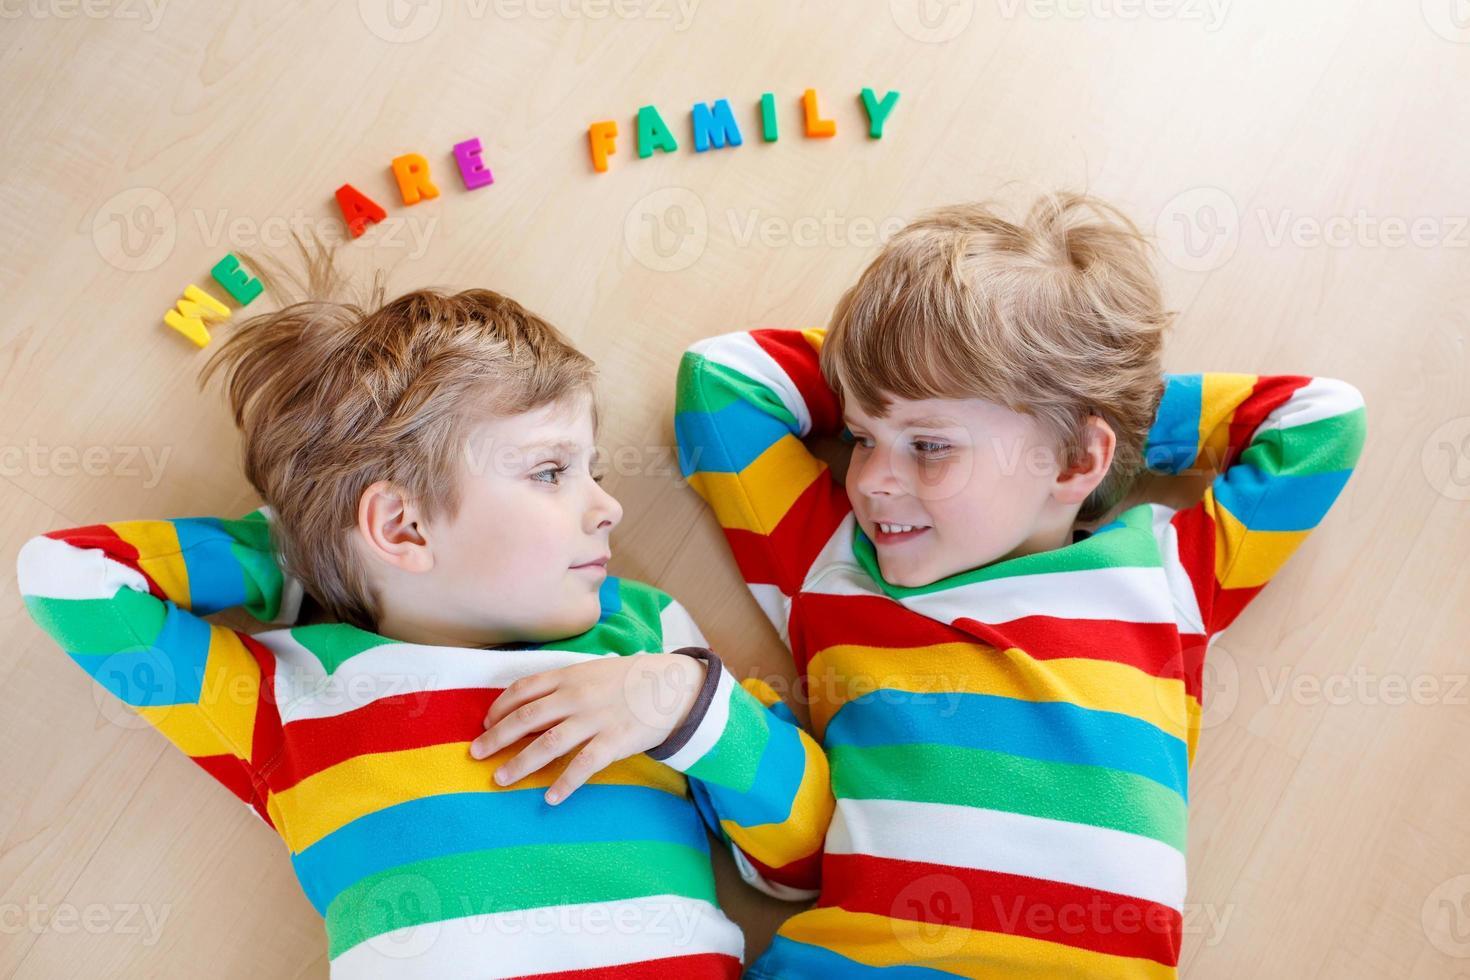 due ragazzini di pari livello che si divertono insieme, al chiuso foto